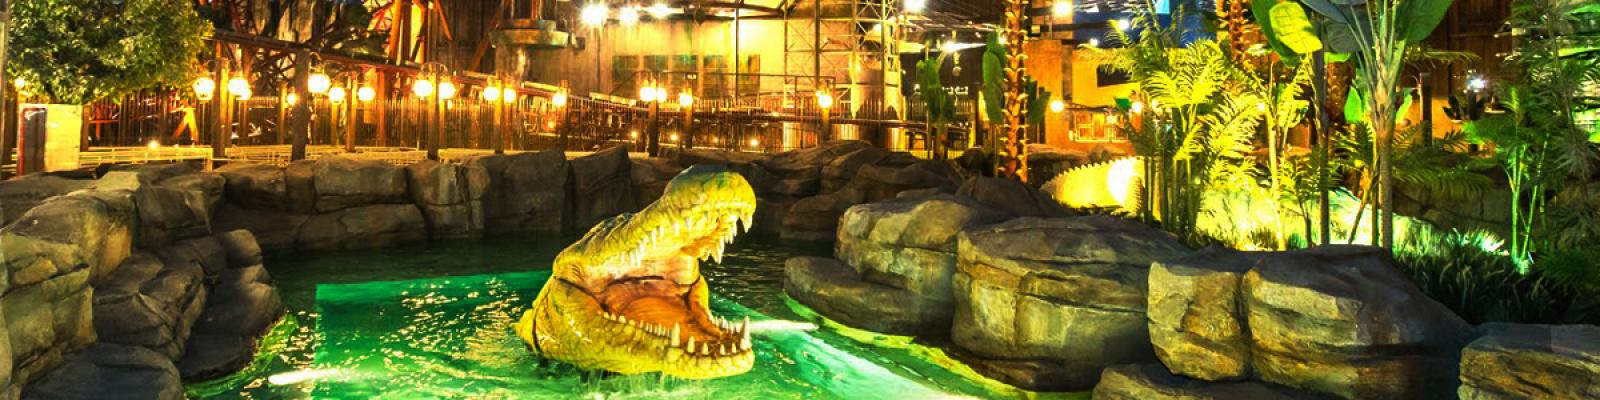 img worlds of adventure dubai, img worlds of adventure visit in dubai, img adventure theme park dubai